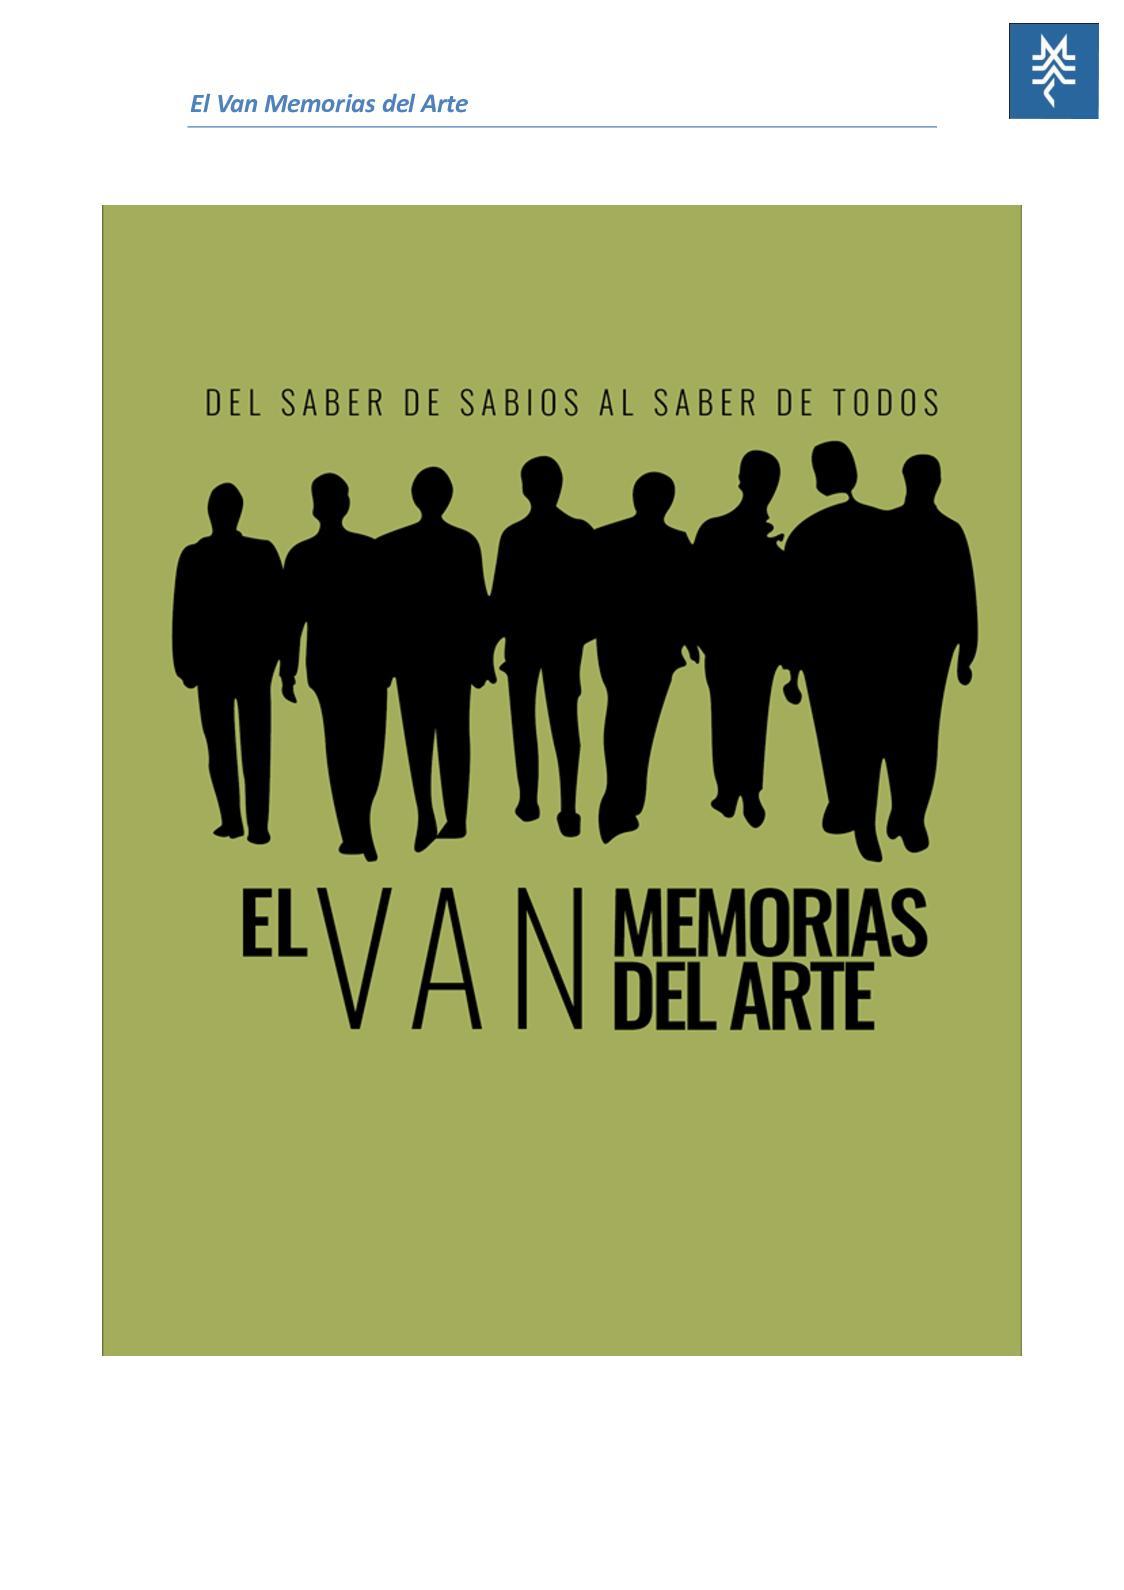 El Van Memorias del Arte